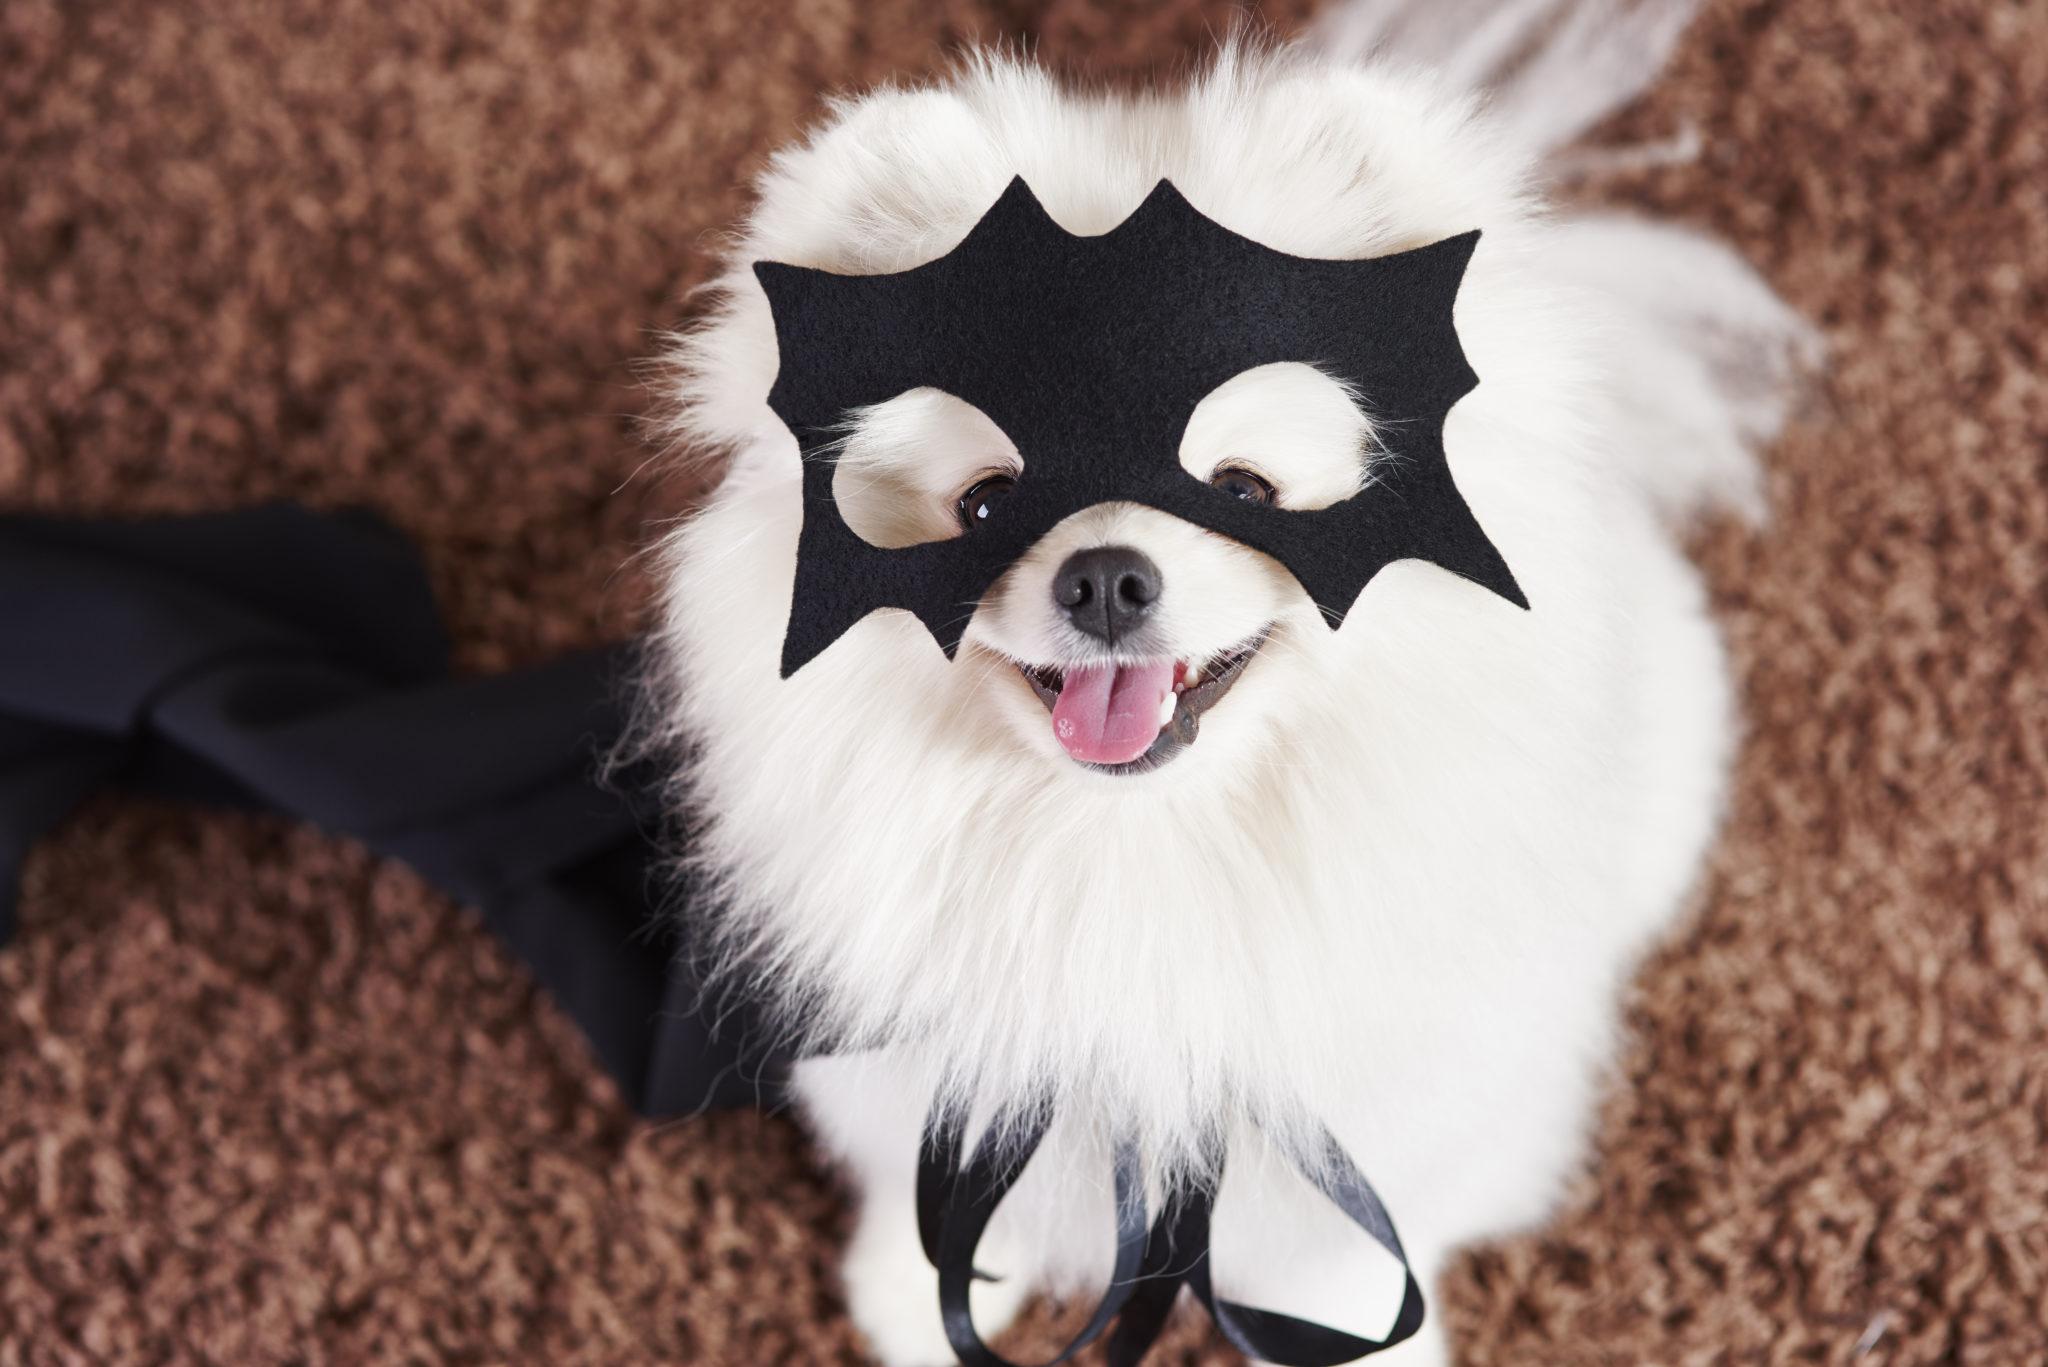 Catalina West Pet Costume